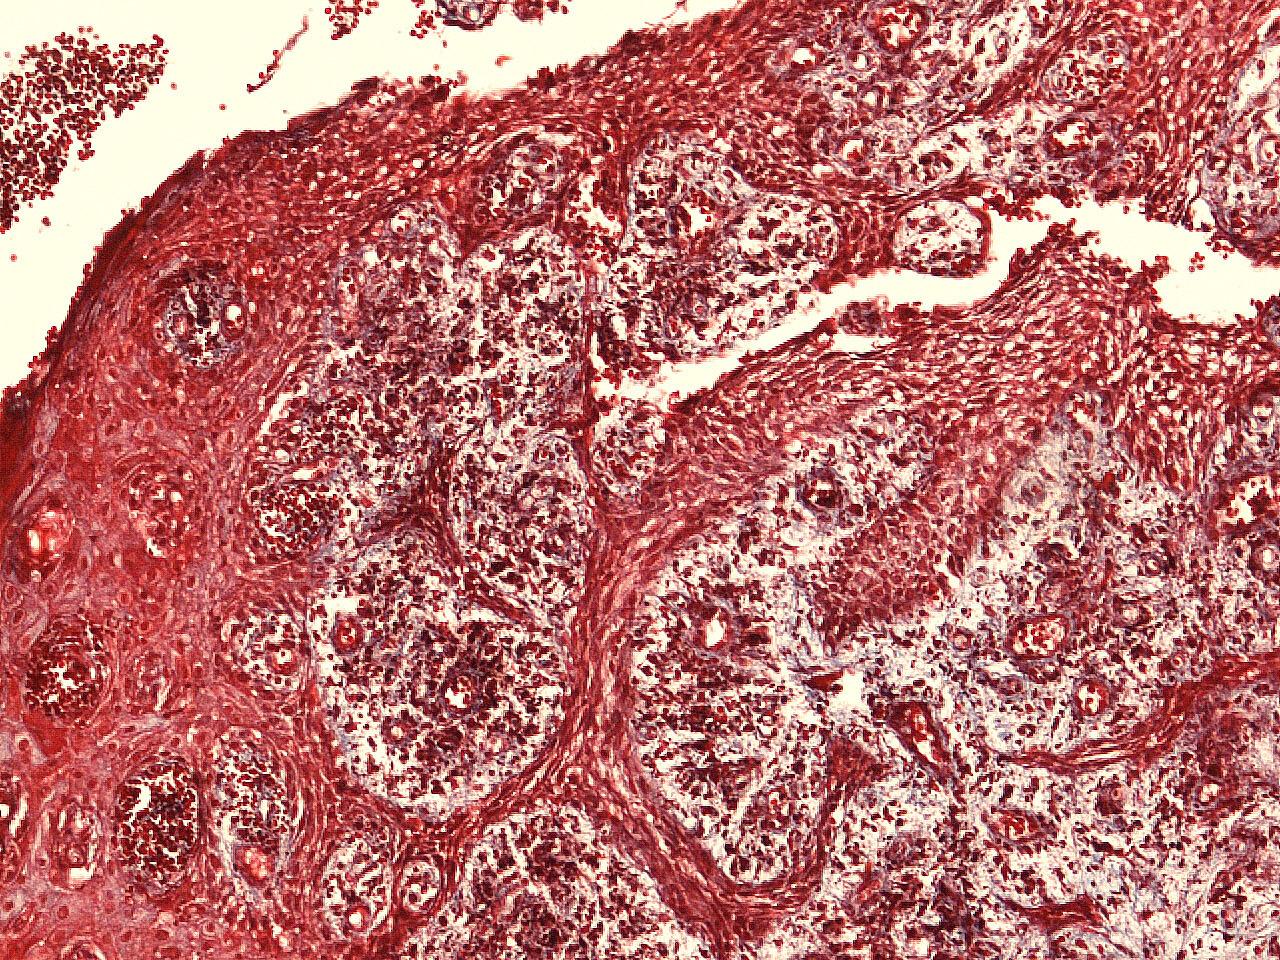 Рис. 7. Окрашивание гематоксилином и эозином: акантоз многослойного плоского эпителия, полнокровие и выраженная инфильтрация подлежащей соединительной ткани.